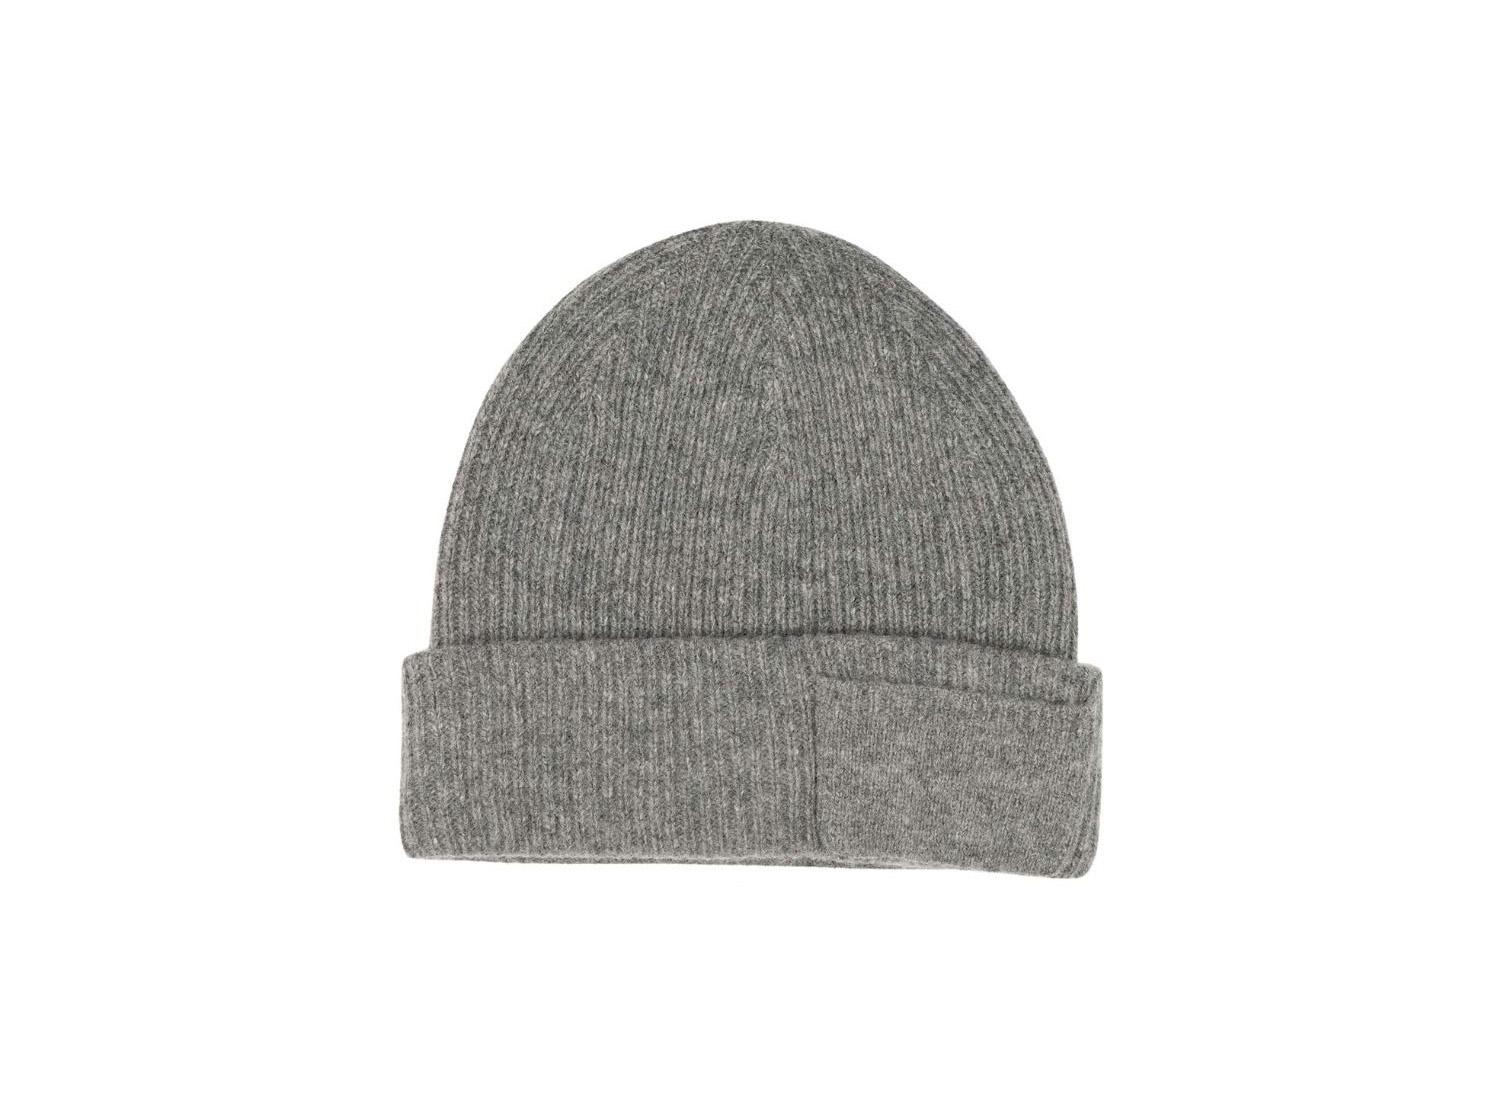 Best Winter Accessories - Tilley Merino Wool Beanie